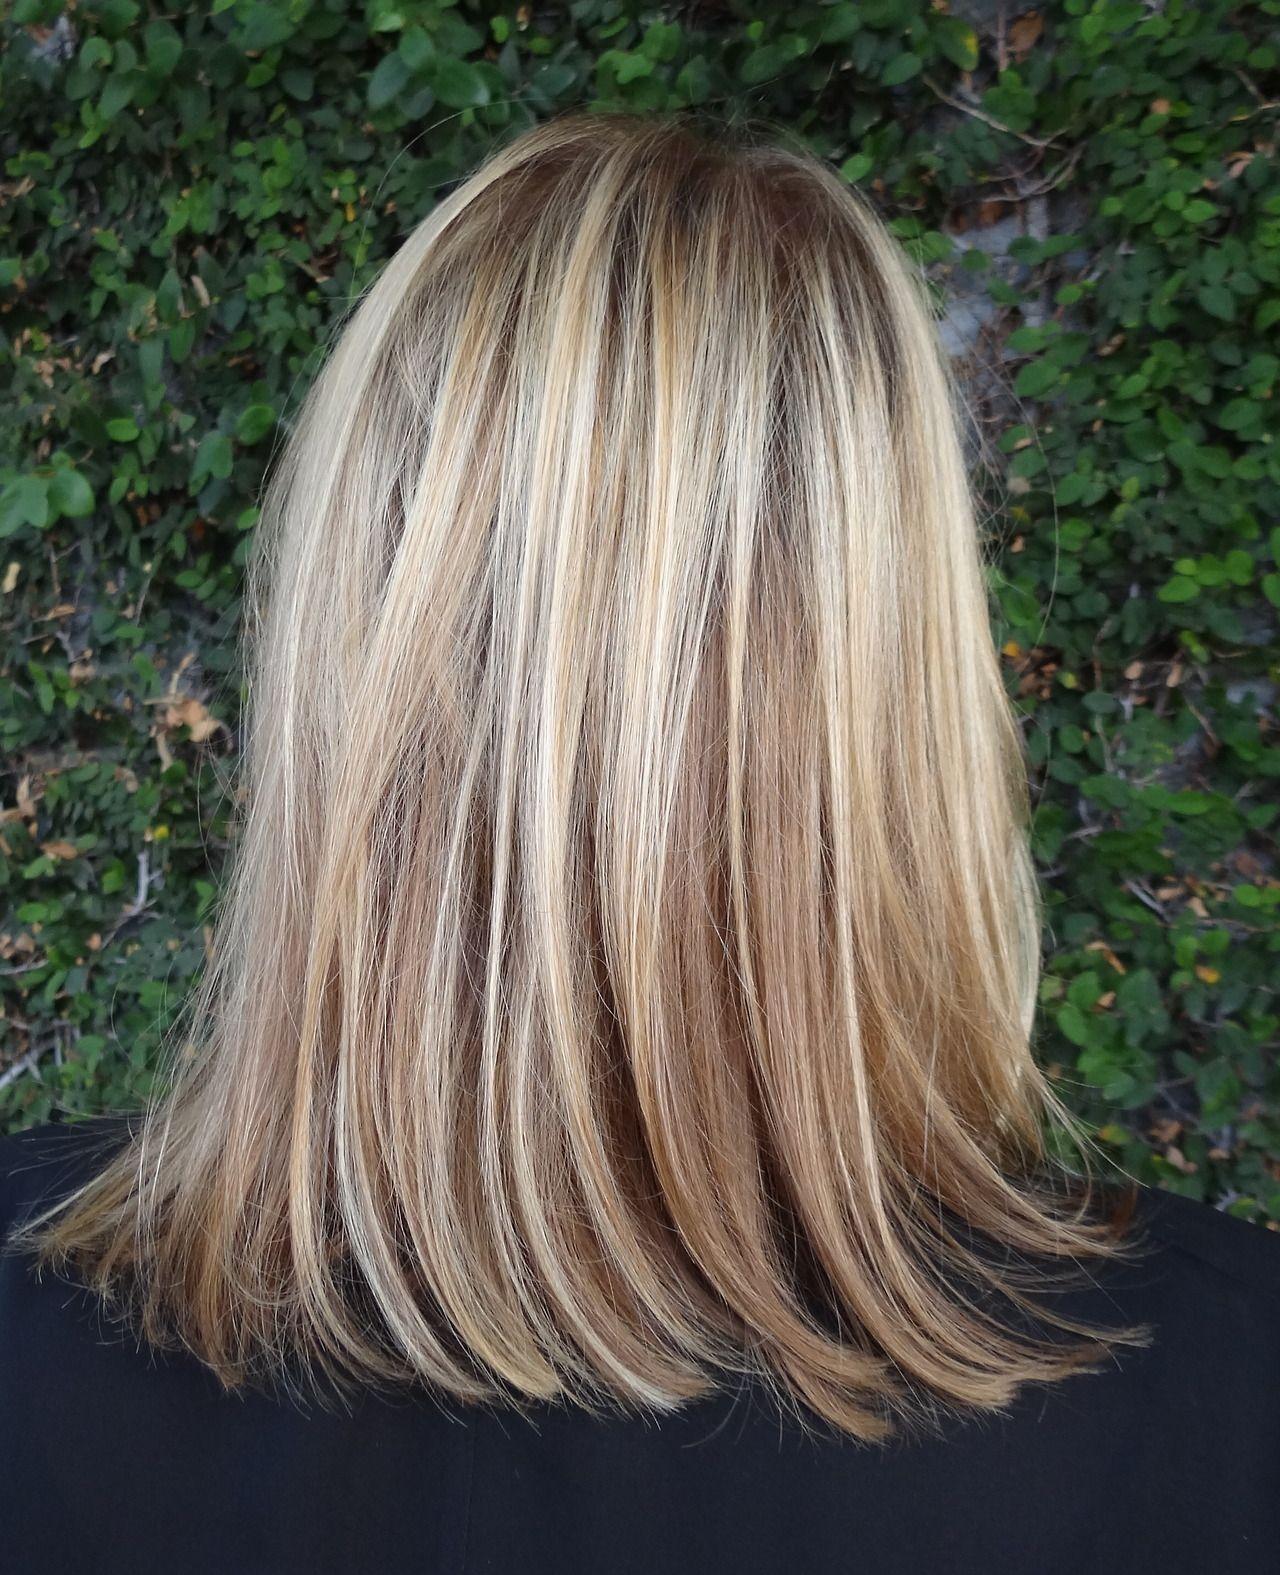 Blonde shoulder length highlights (brassiness corrected) - Sarah Conner (stylist's blog)